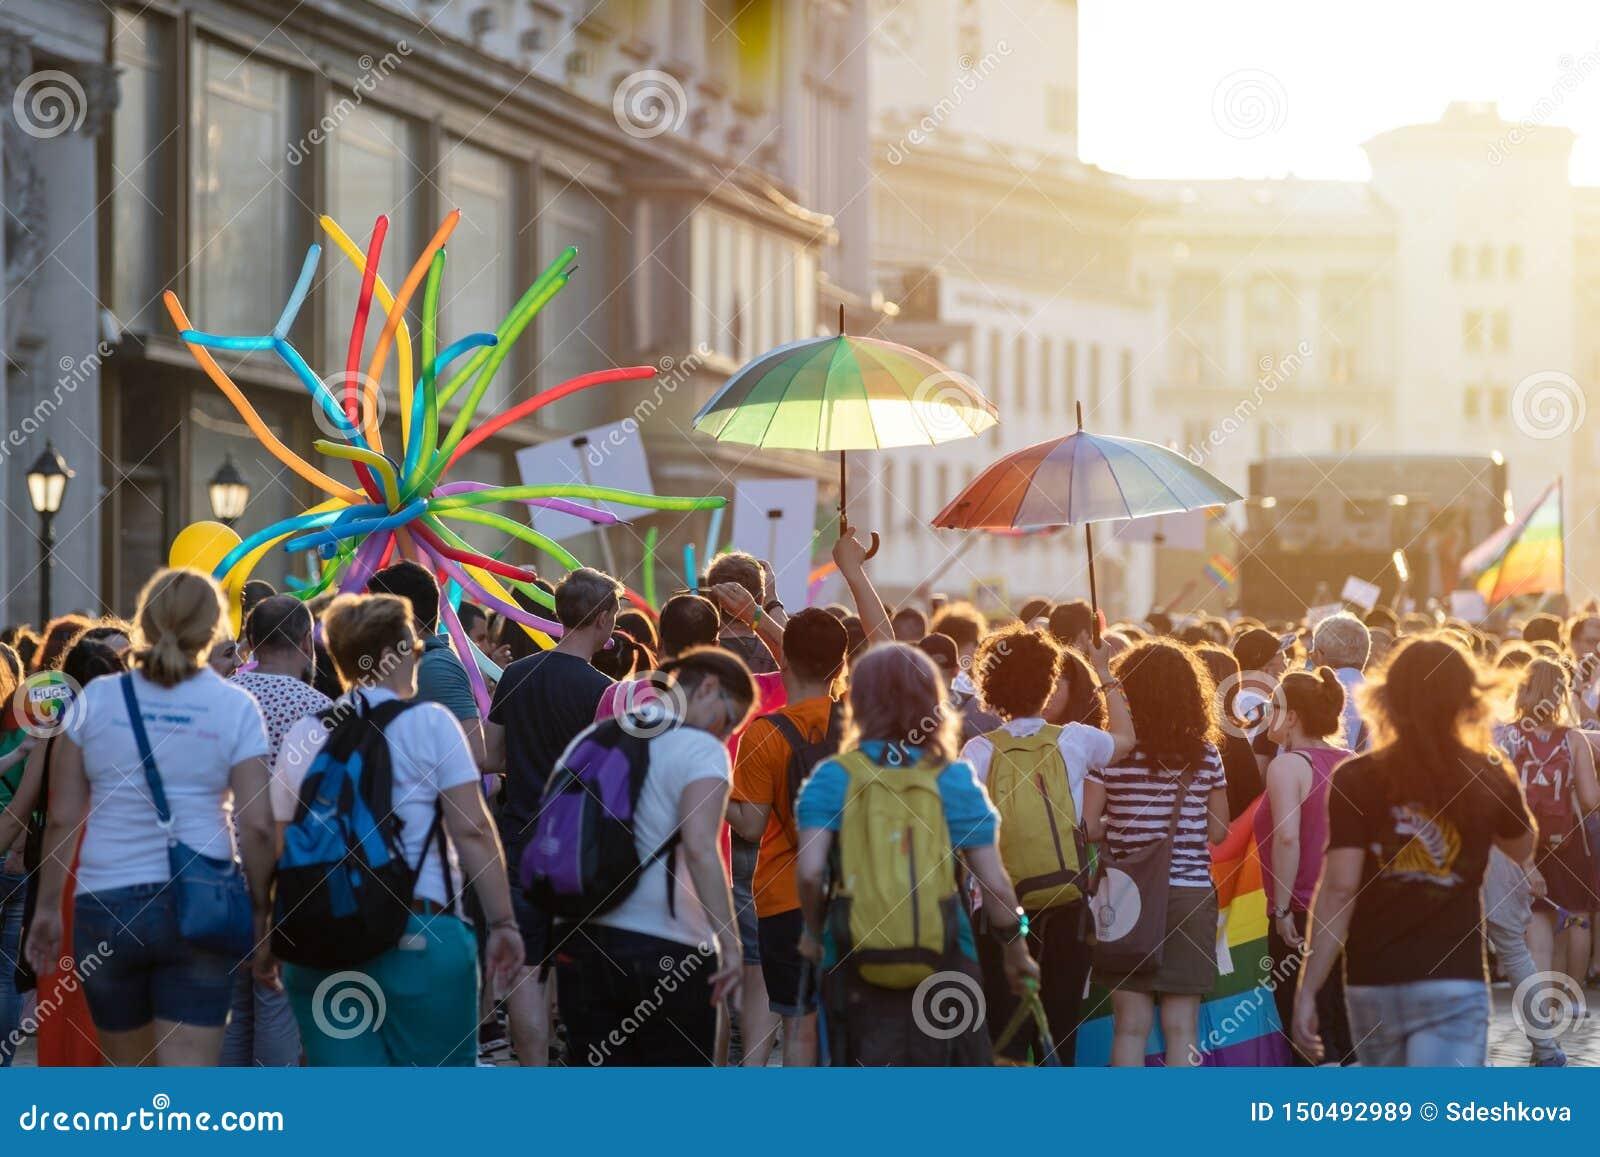 Sofia Pride Parade Participants